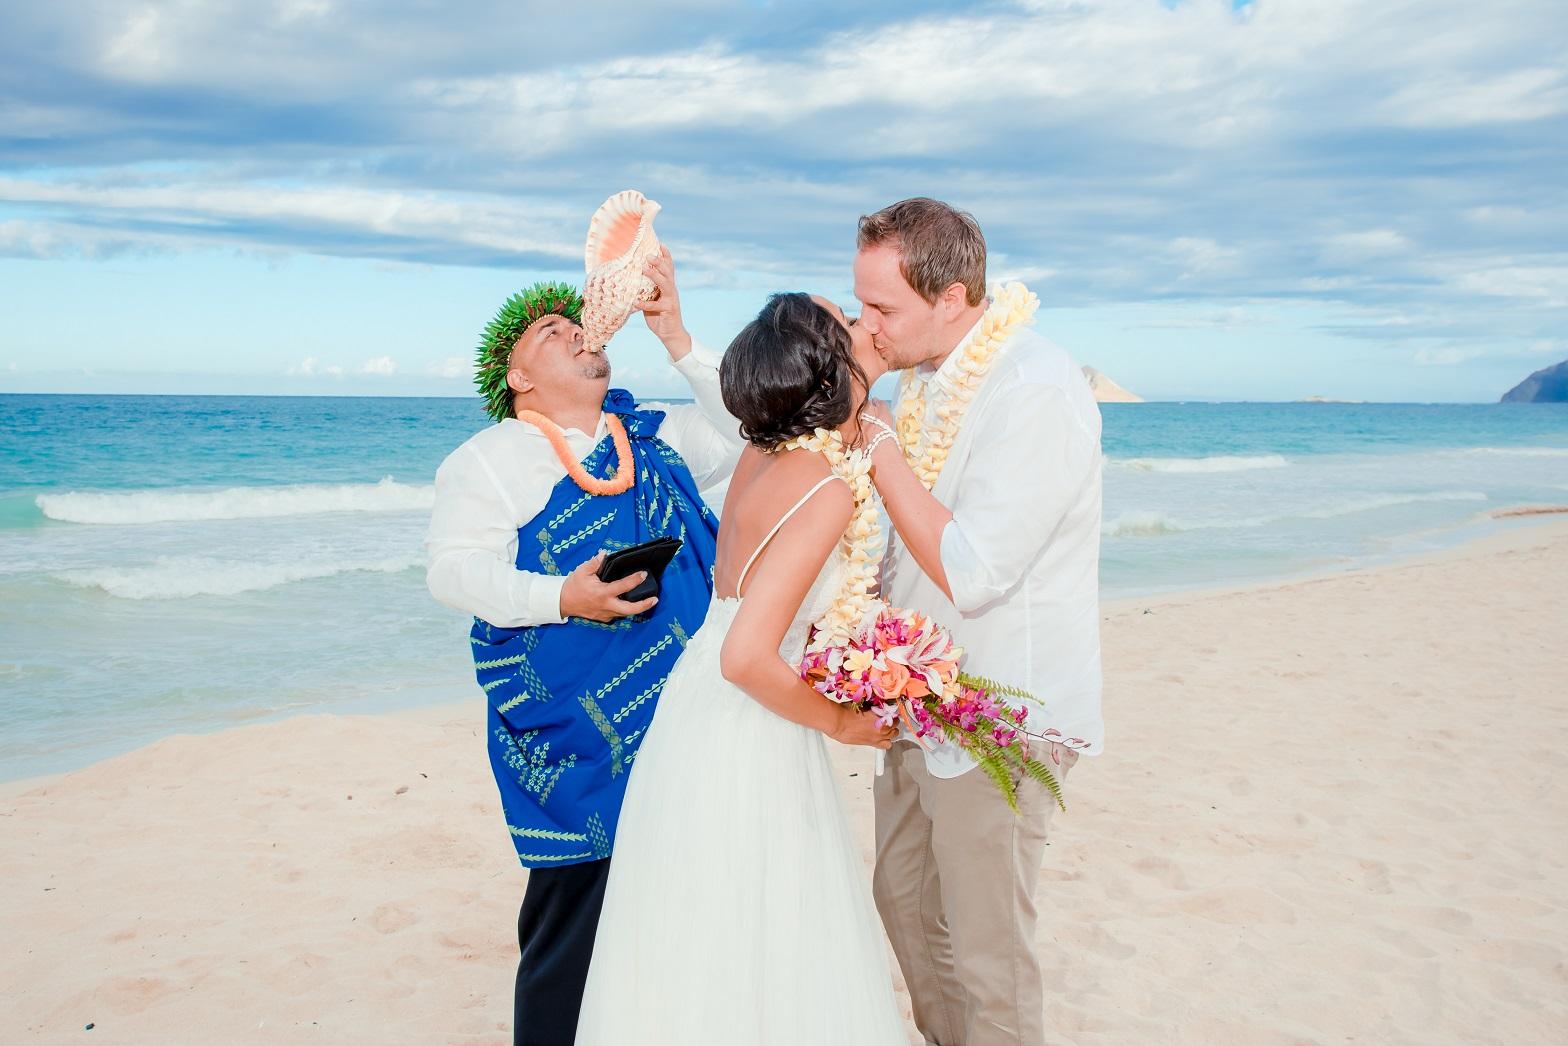 beach bride groom wedding kiss oahu hawaii